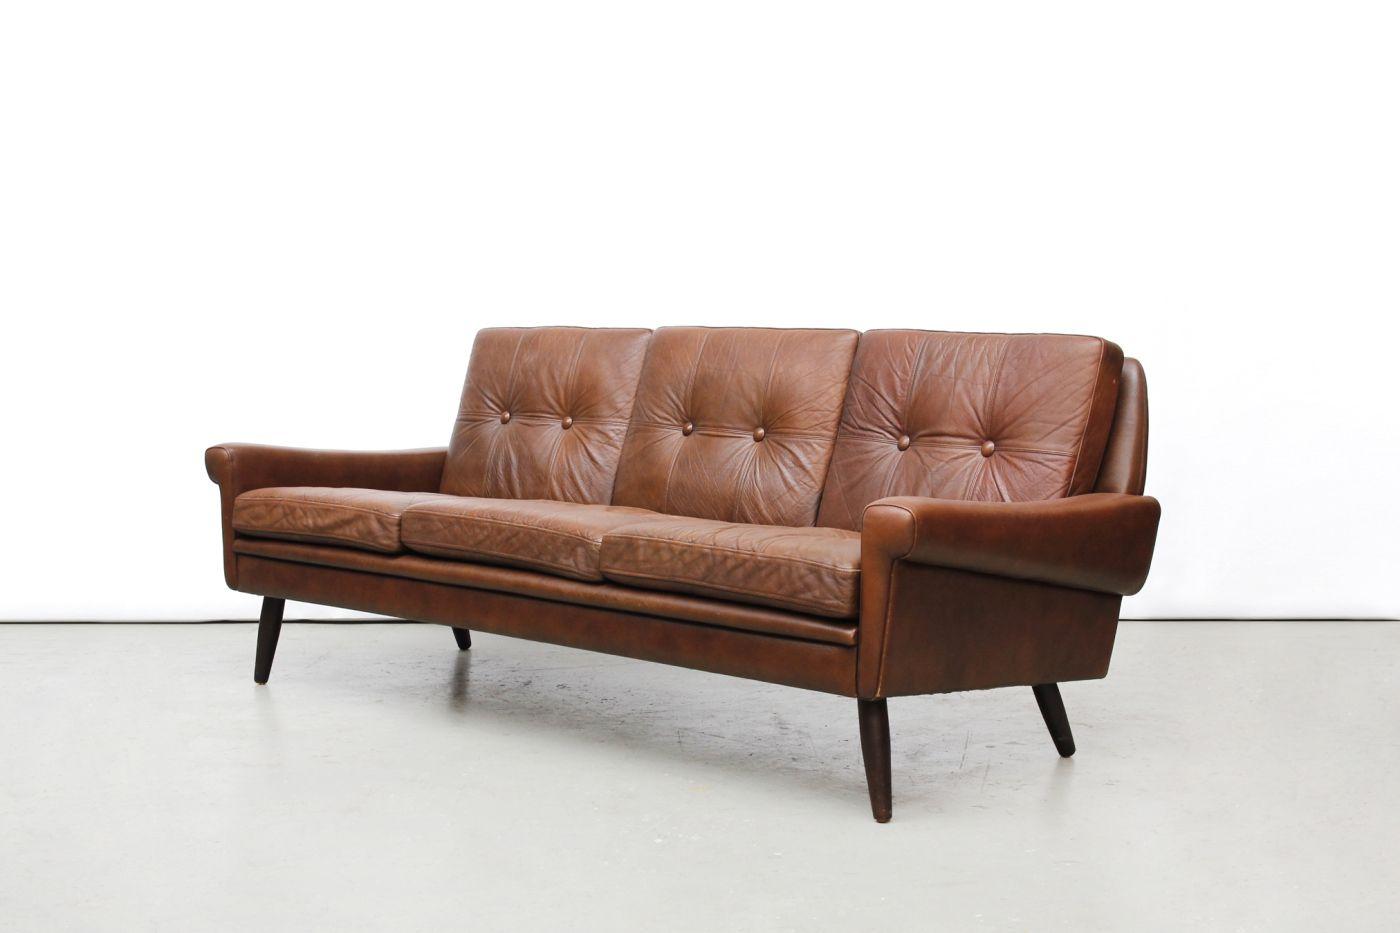 Vintage Skippers Mobler Leren Design Bank Vintage Leather Sofa Vintage Sofa Danish Vintage Furniture